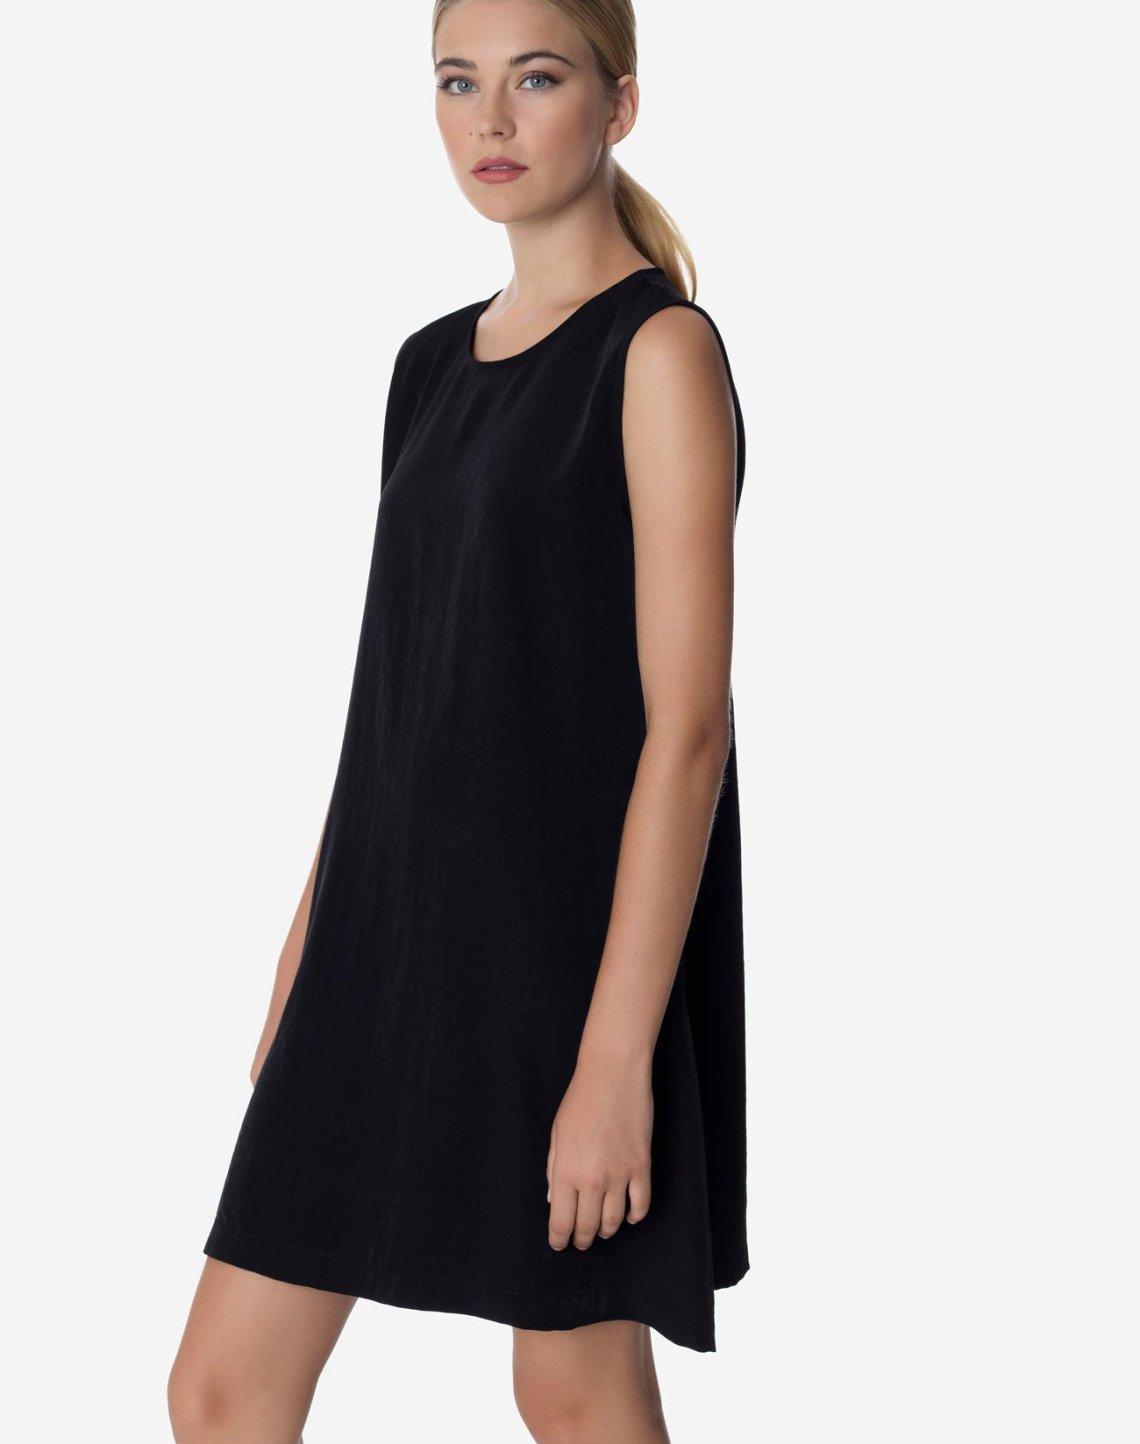 Μίνι αμάνικο φόρεμα